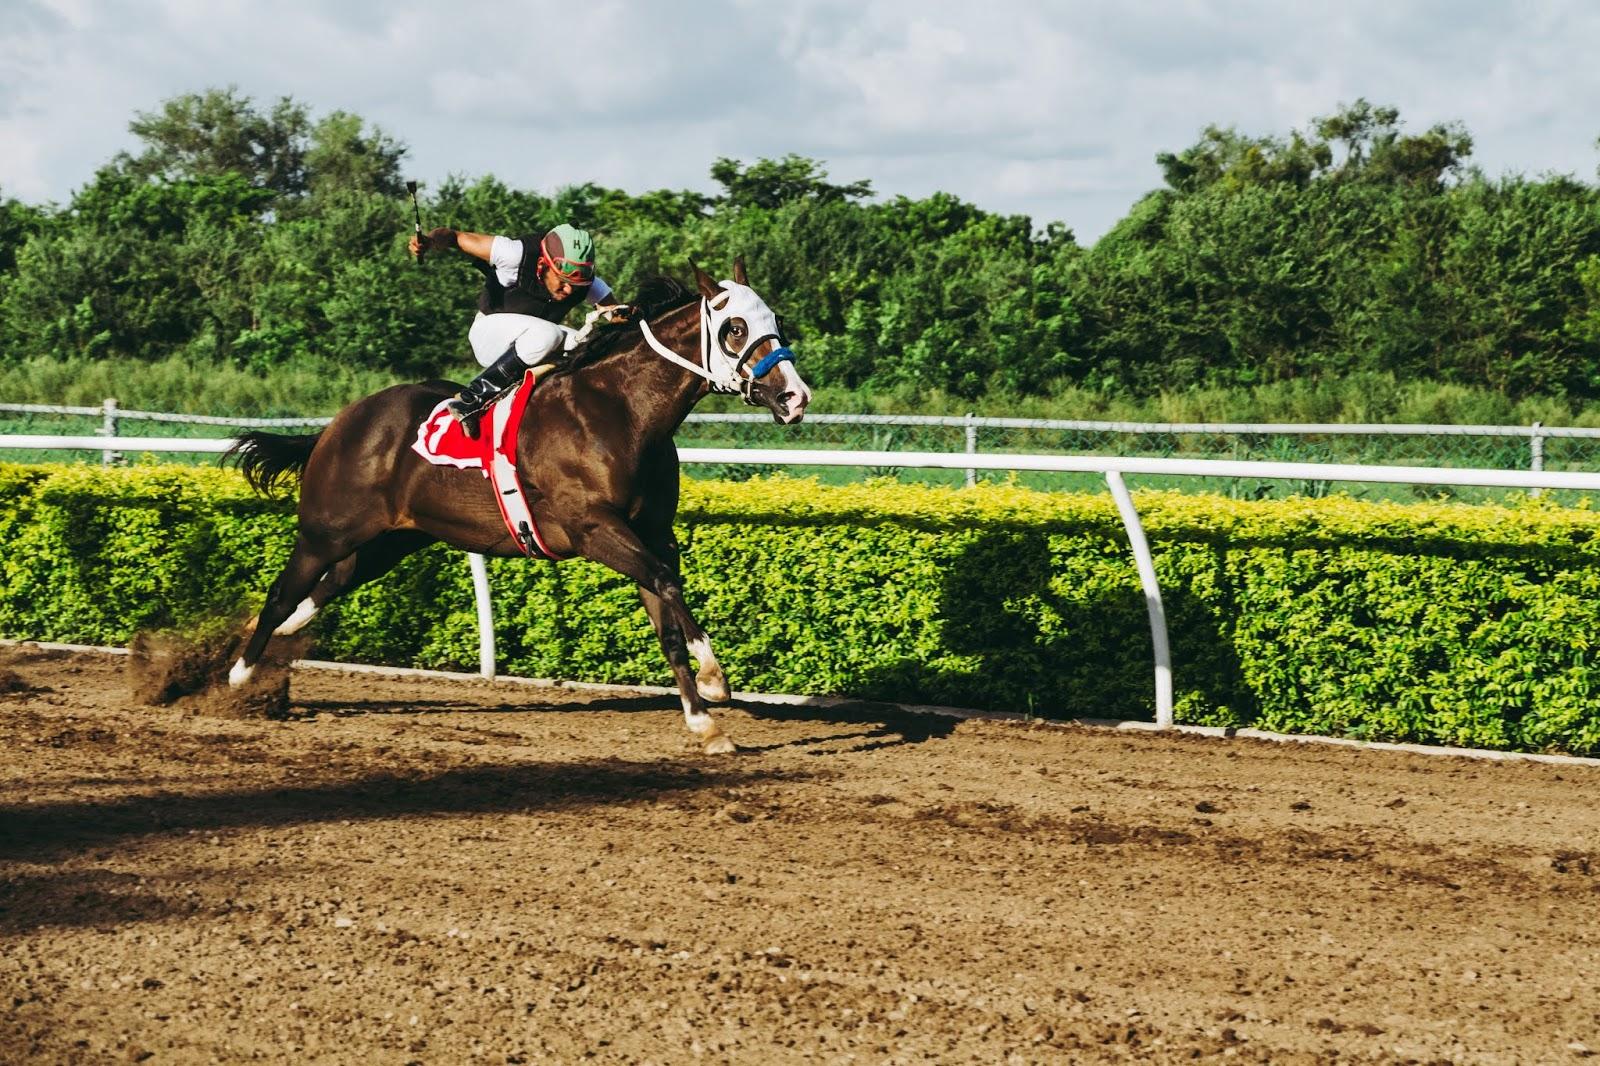 MKINDIANHORSERACETIPS: DELHI HORSE RACING FREE TIPS TODAY 28